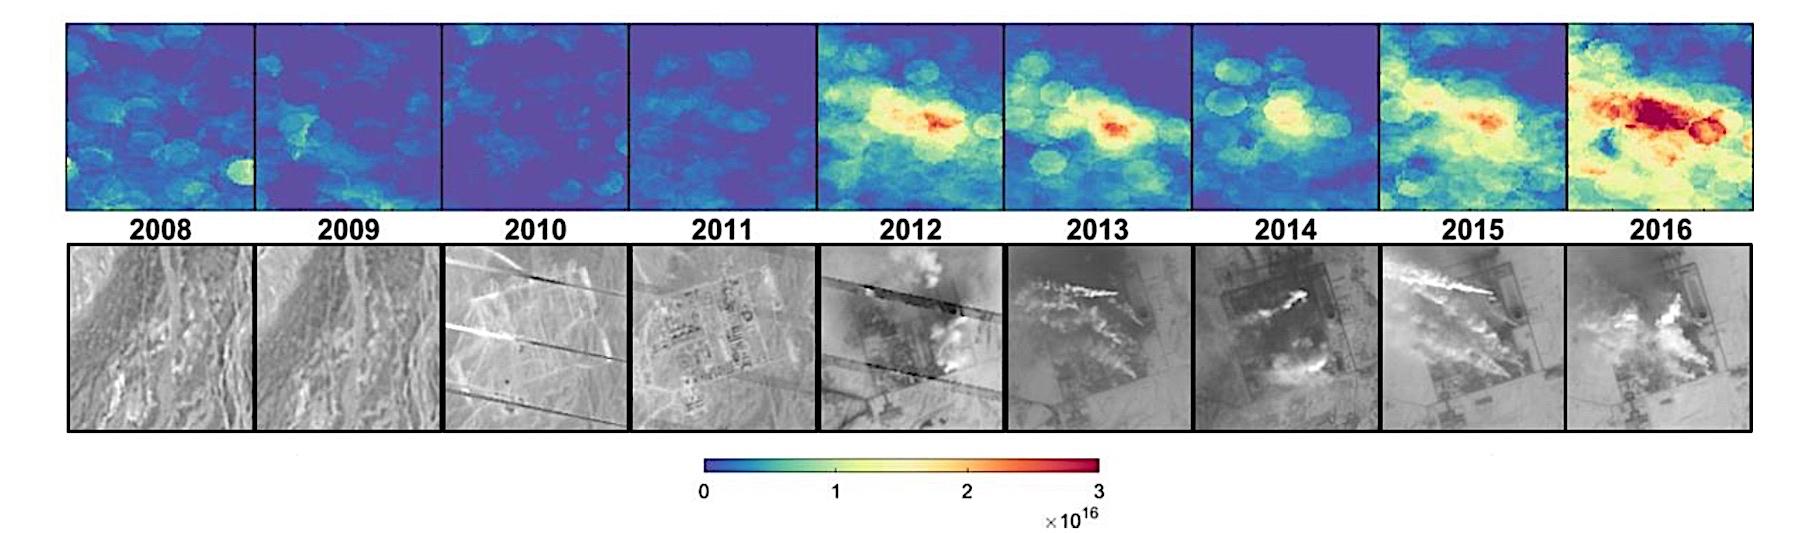 Images d'une source d'émission de NH3 localisée en Chine, concomitante à la construction d'un complexe industriel. En bas : photographies des satellites Landsat (2008 – 2016) montrant la construction du complexe industriel. En haut : Mesures d'ammoniac par IASI pour les mêmes années. © Martin Van Damme et Lieven Clarisse / ULB (IASI); © Google / NASA (Landsat)